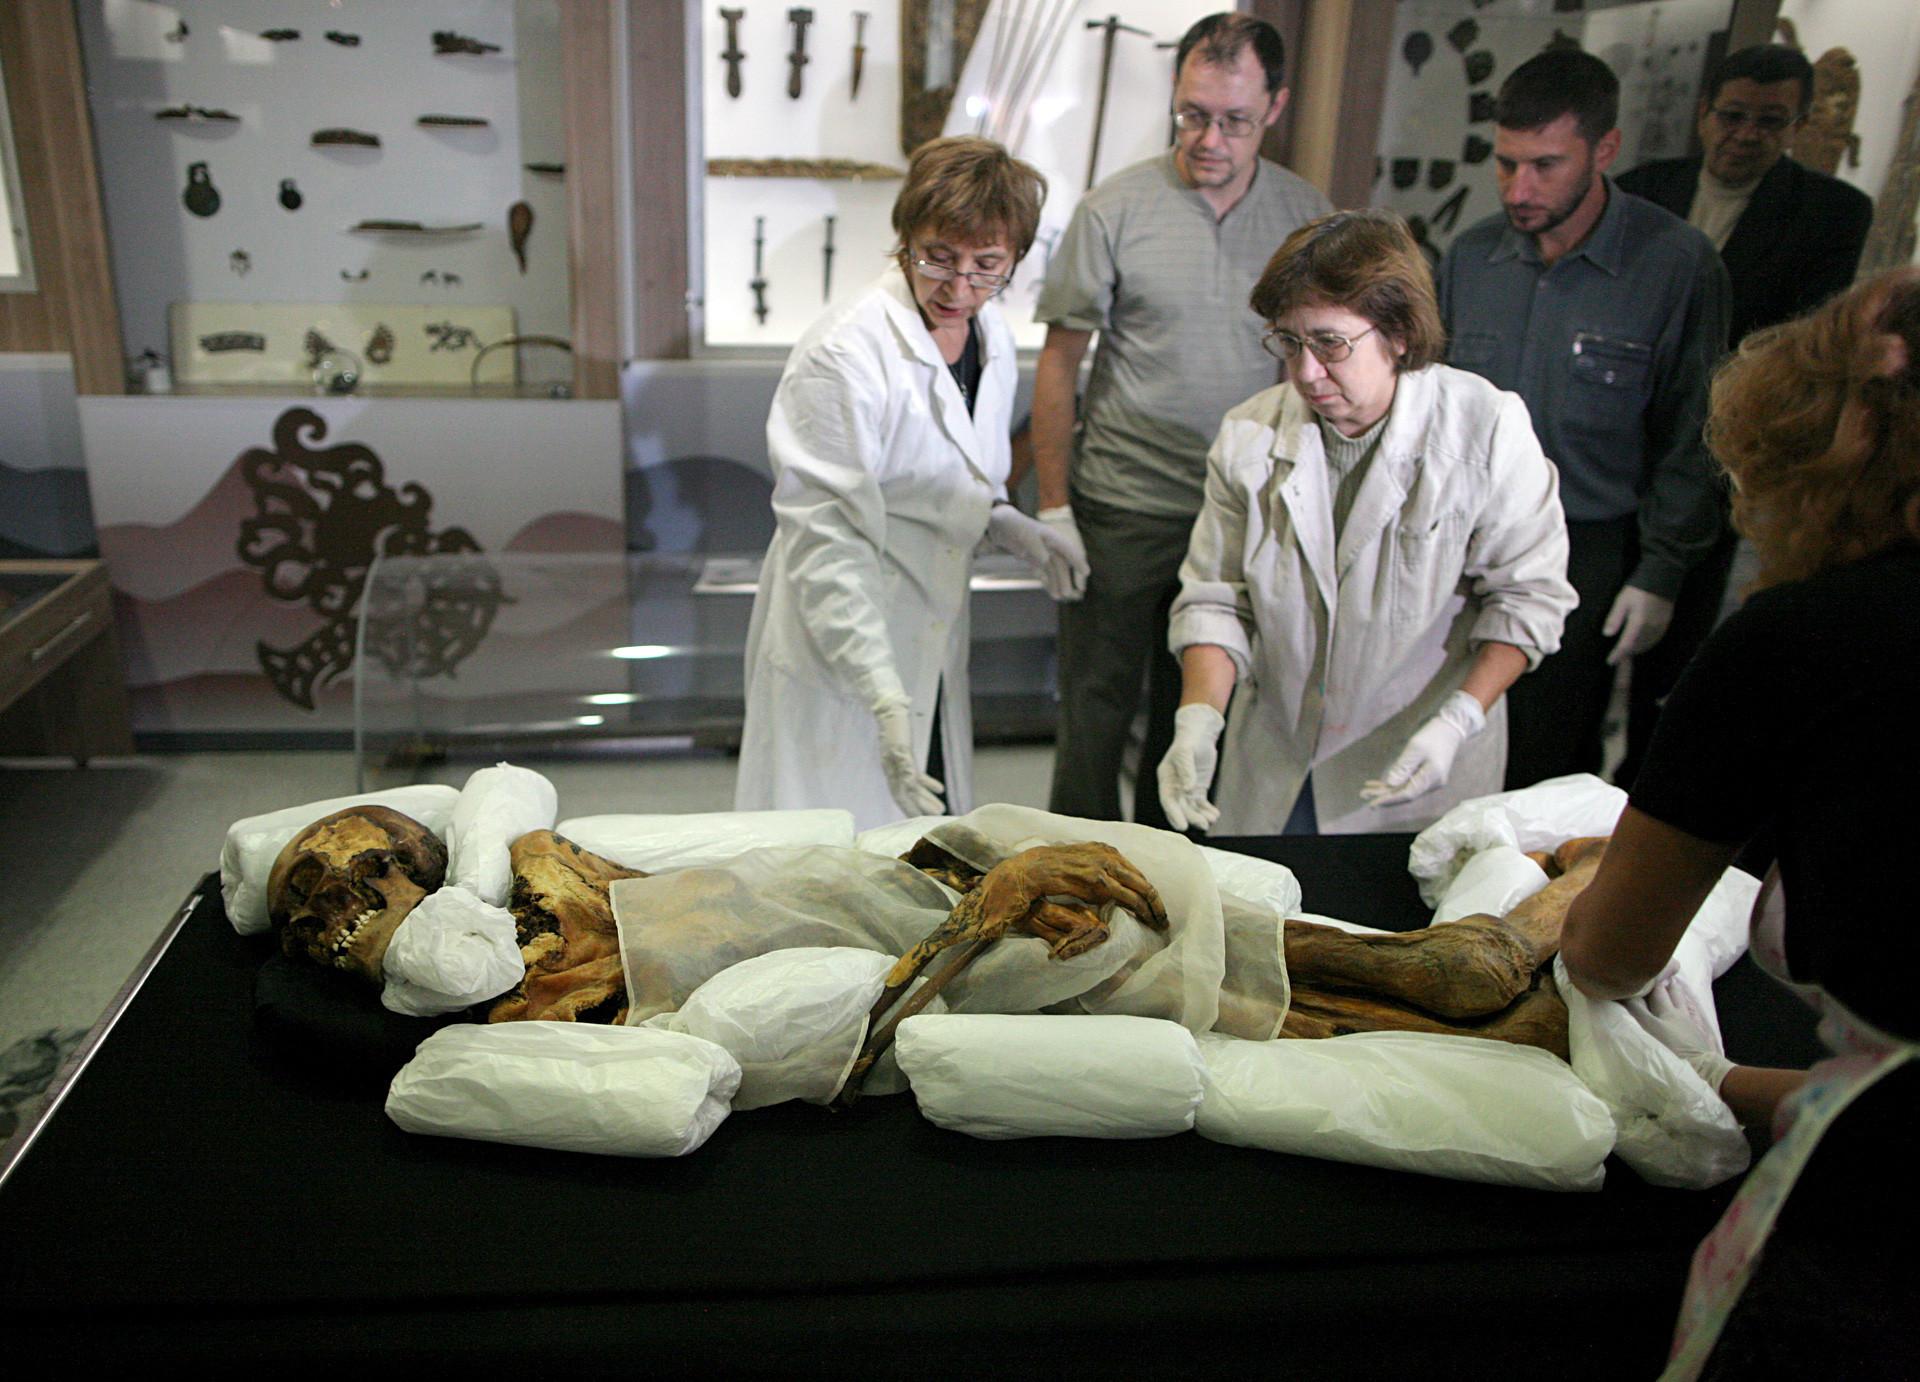 """Персоналот на Археолошкиот и етнографски музеј при Руската академија на науките, филијала Сибир, ја пакува мумијата на принцезата од Укок пред таа да биде испратена во Националниот музеј """"А. Анохин"""" во Република Алтај."""